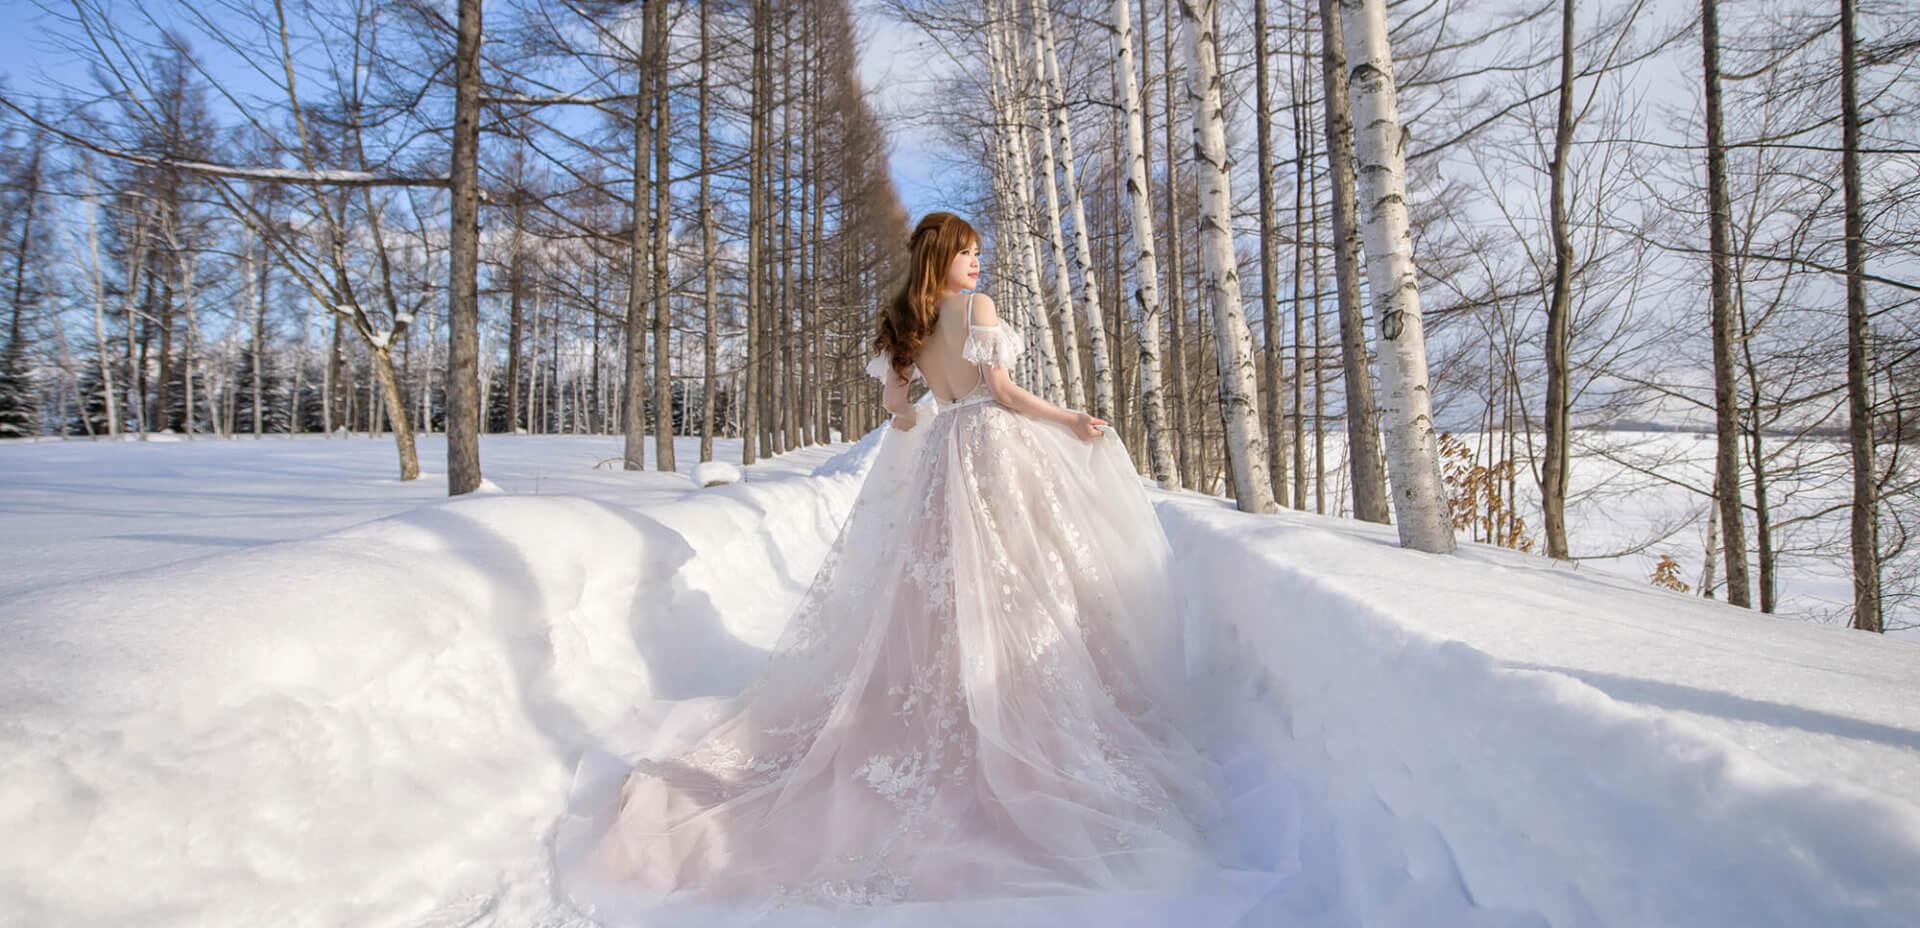 標籤: 北海道婚紗方案